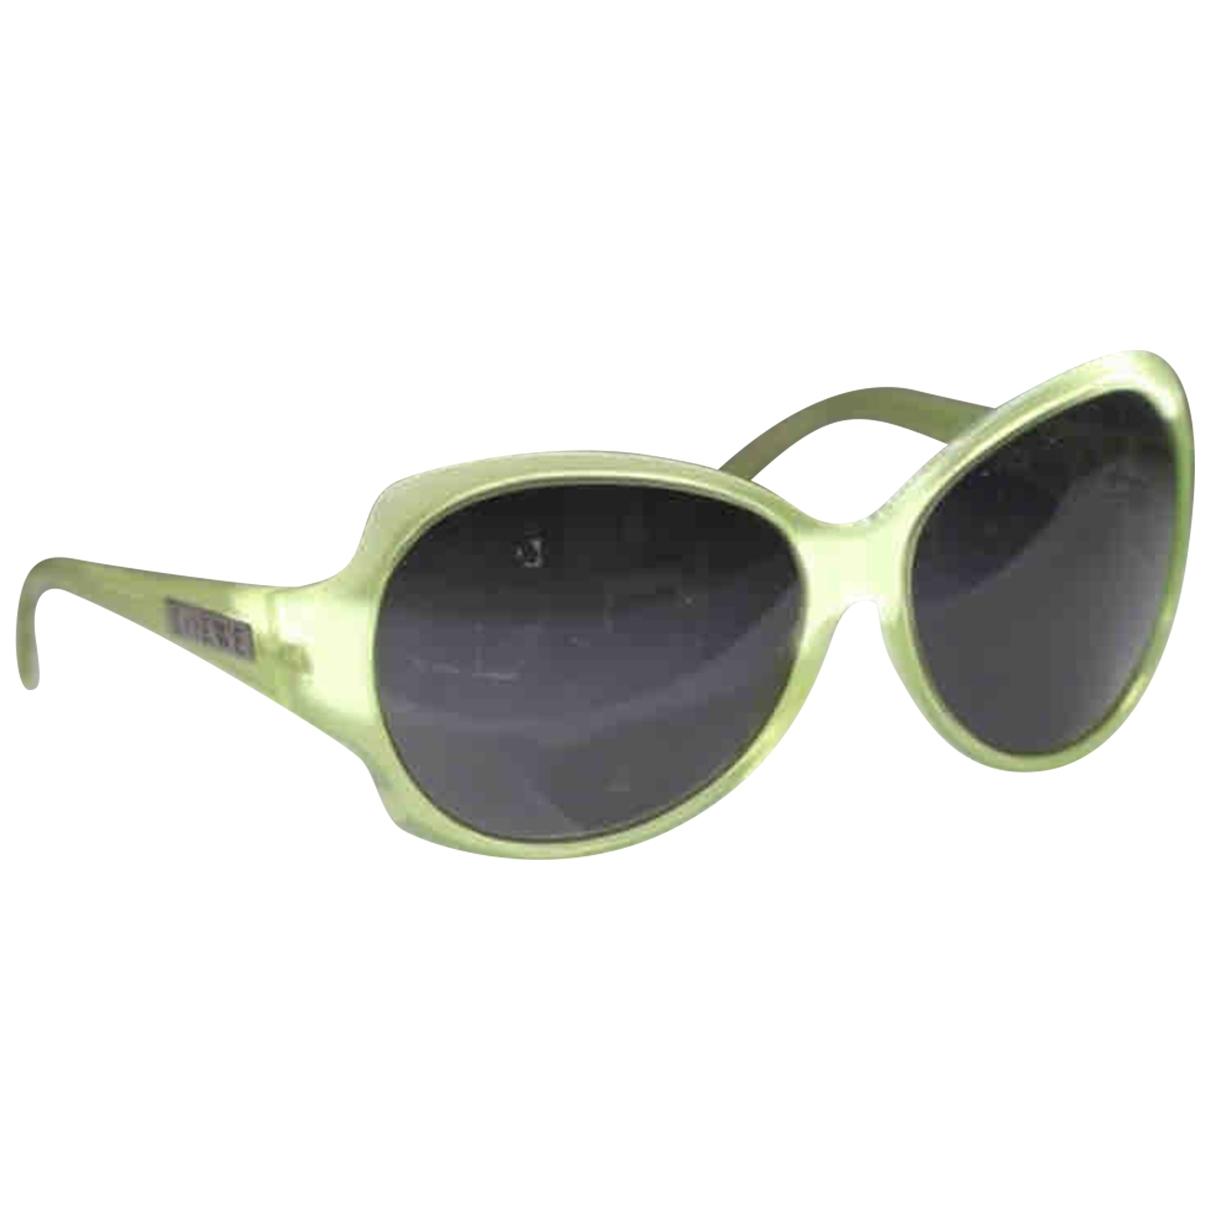 Loewe - Lunettes   pour femme - vert